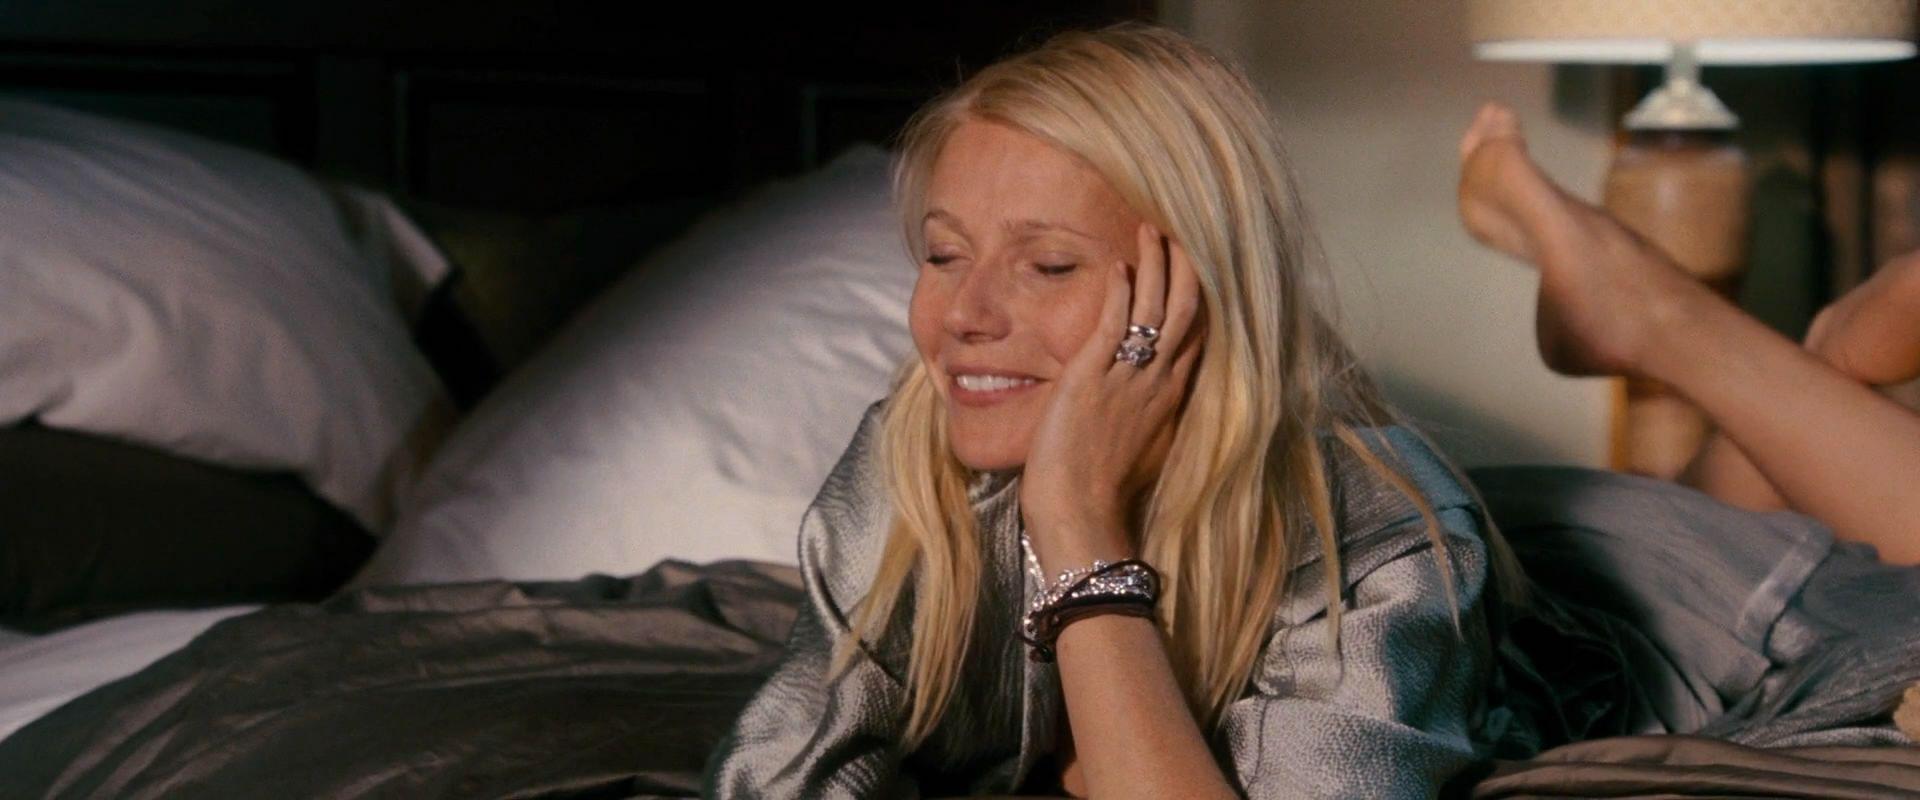 Gwyneth Paltrow | Celebrities in the Pose | Pinterest Gwyneth Paltrow